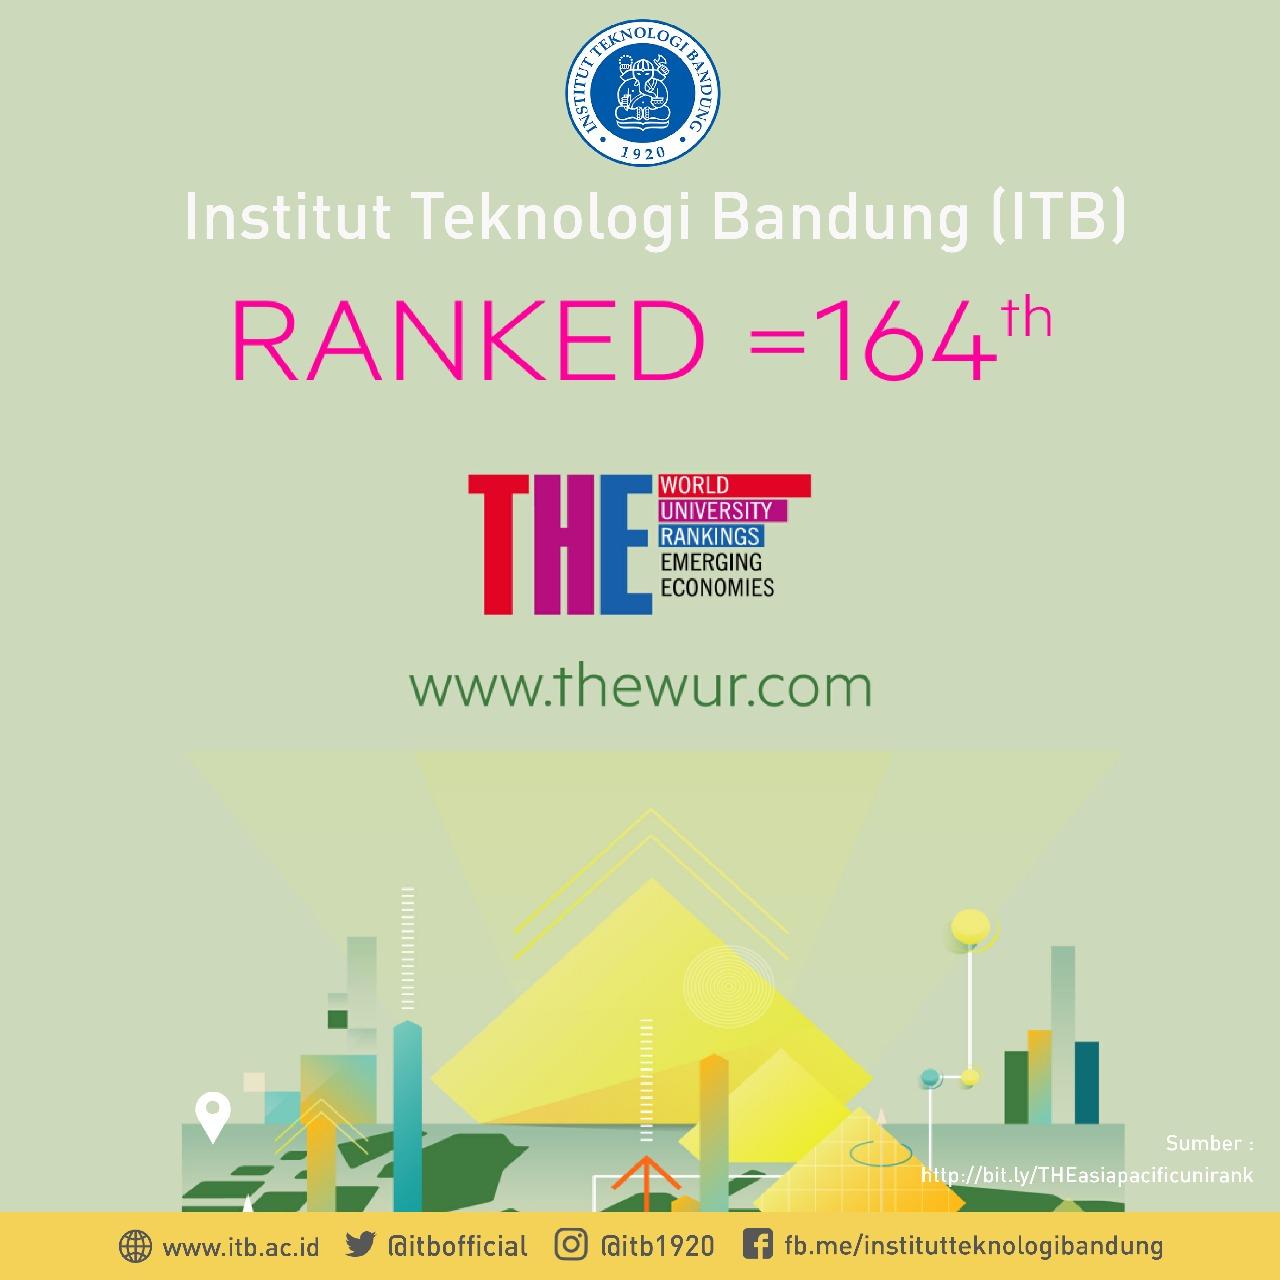 itb-masuk-200-besar-ranking-perguruan-tinggi-se-asia-pasifik